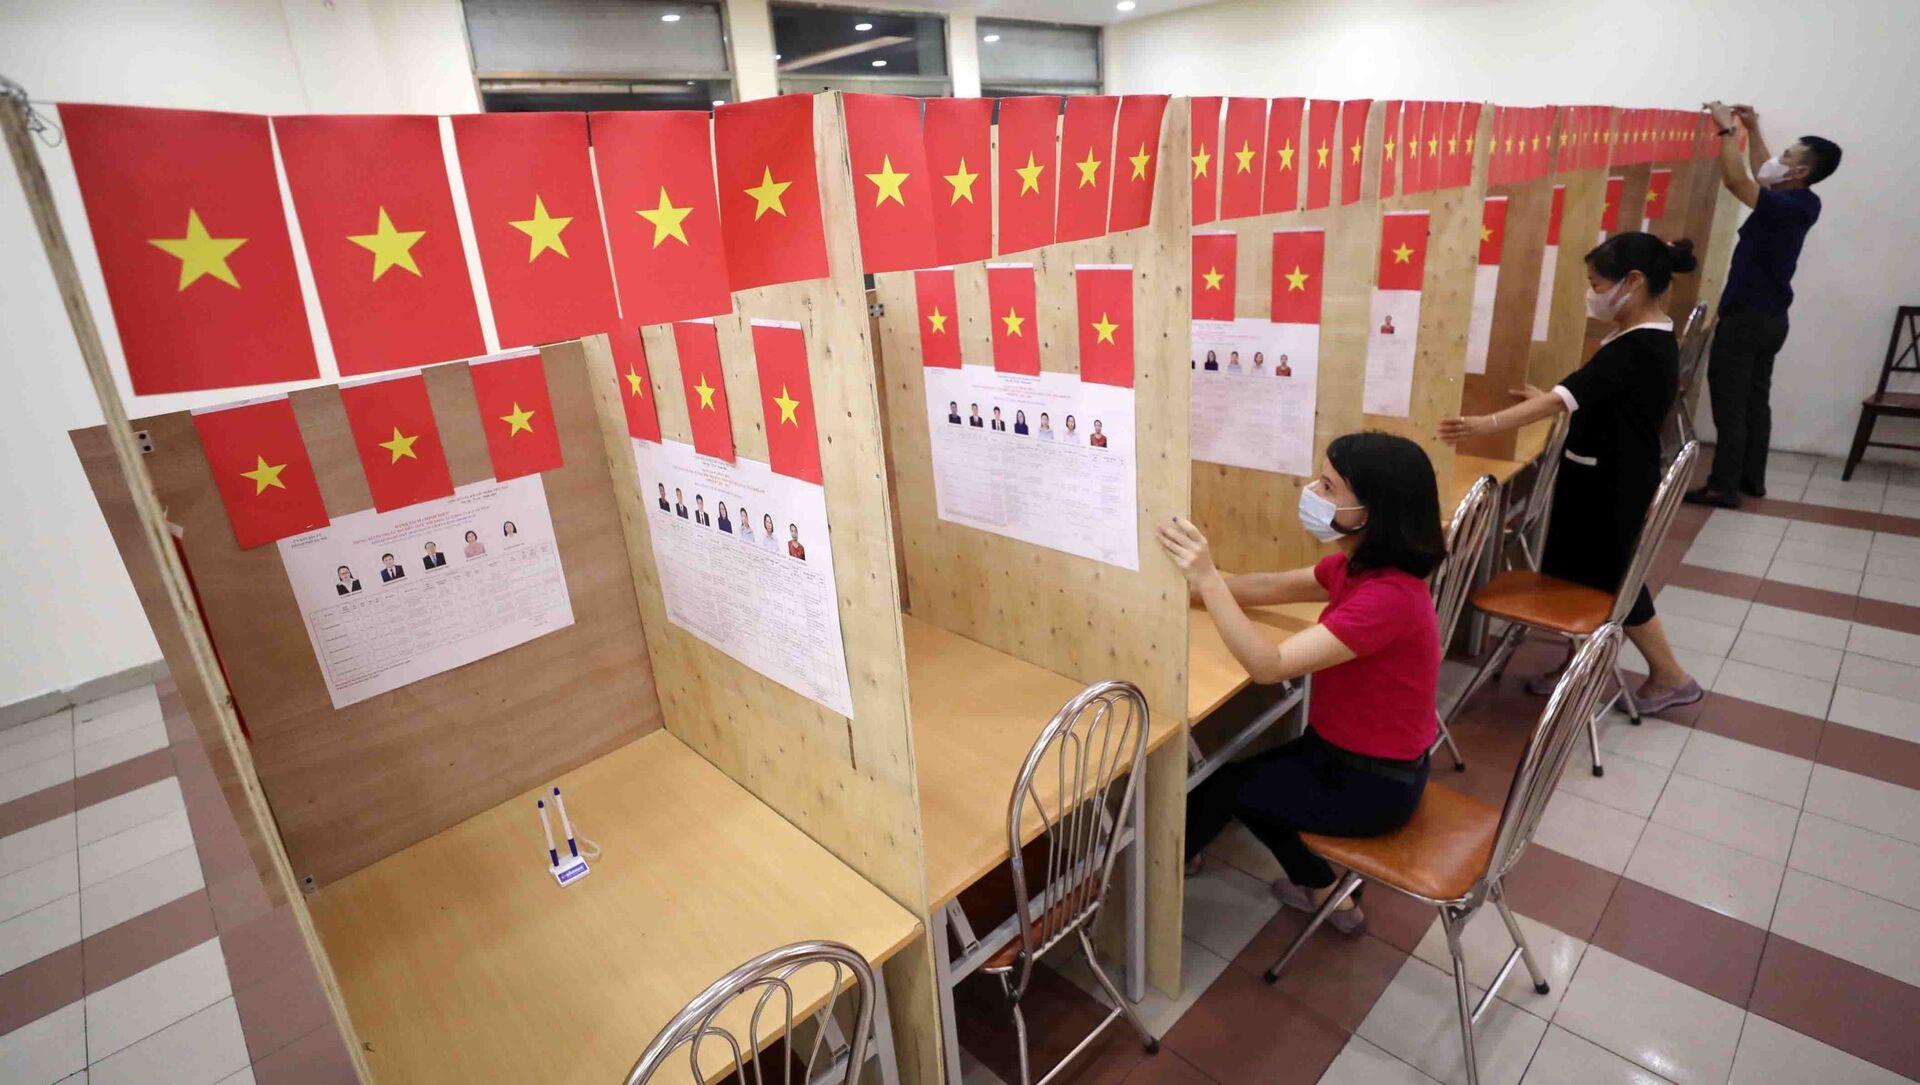 Sinh viên ngoại tỉnh ở lại Hà Nội trong ngày bầu cử đều được đảm bảo thực hiện quyền và nghĩa vụ cử tri. - Sputnik Việt Nam, 1920, 21.05.2021